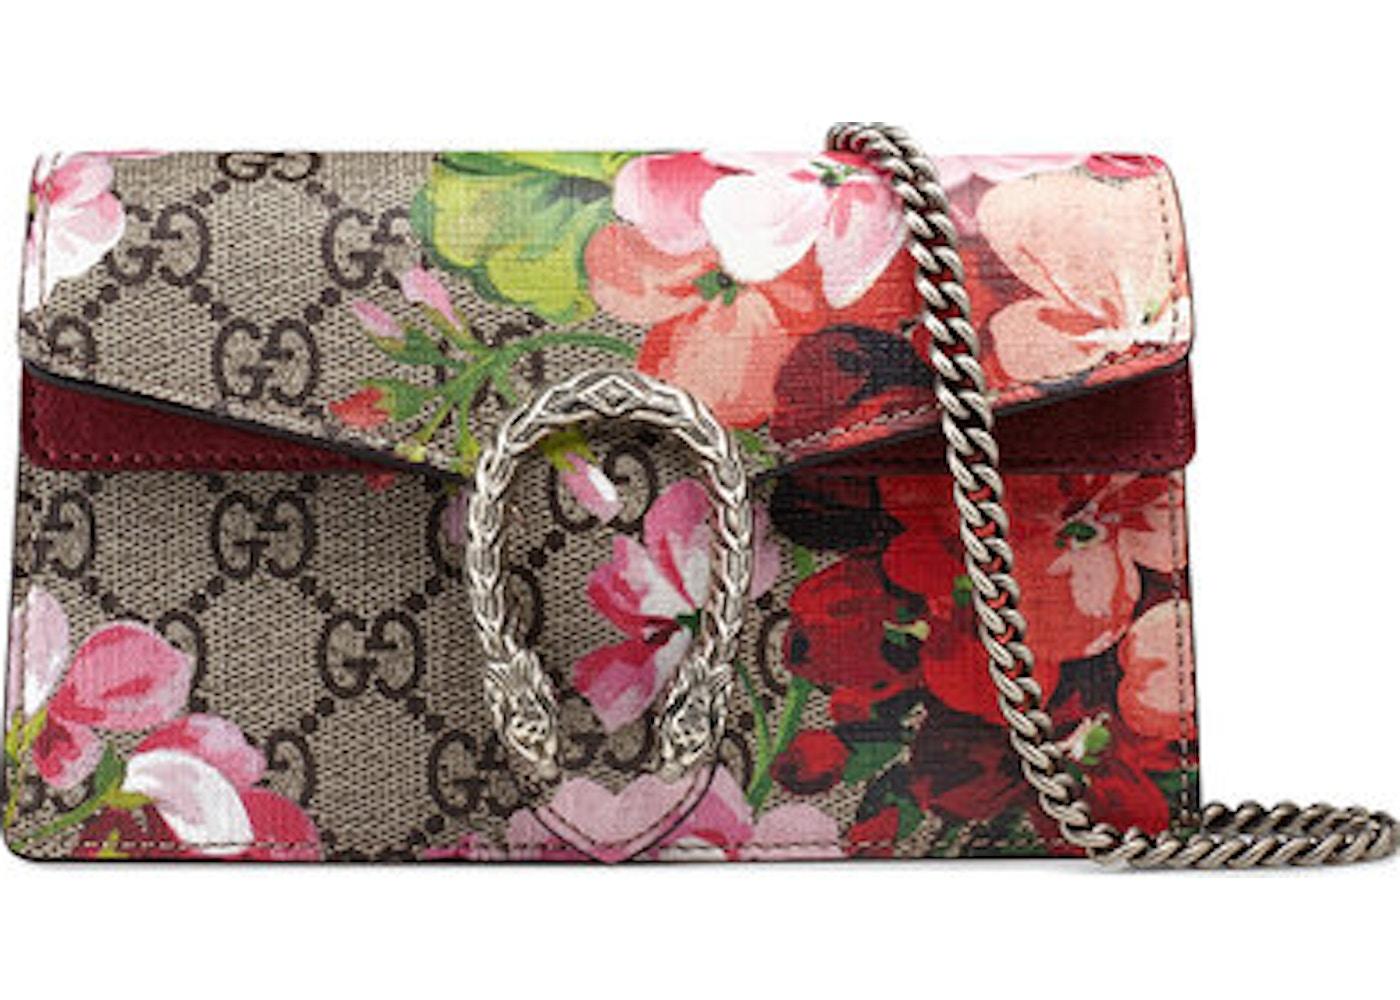 11a4416076a40 Gucci Dionysus GG Blooms Super Mini Beige Ebony. Blooms Super Mini  Beige Ebony